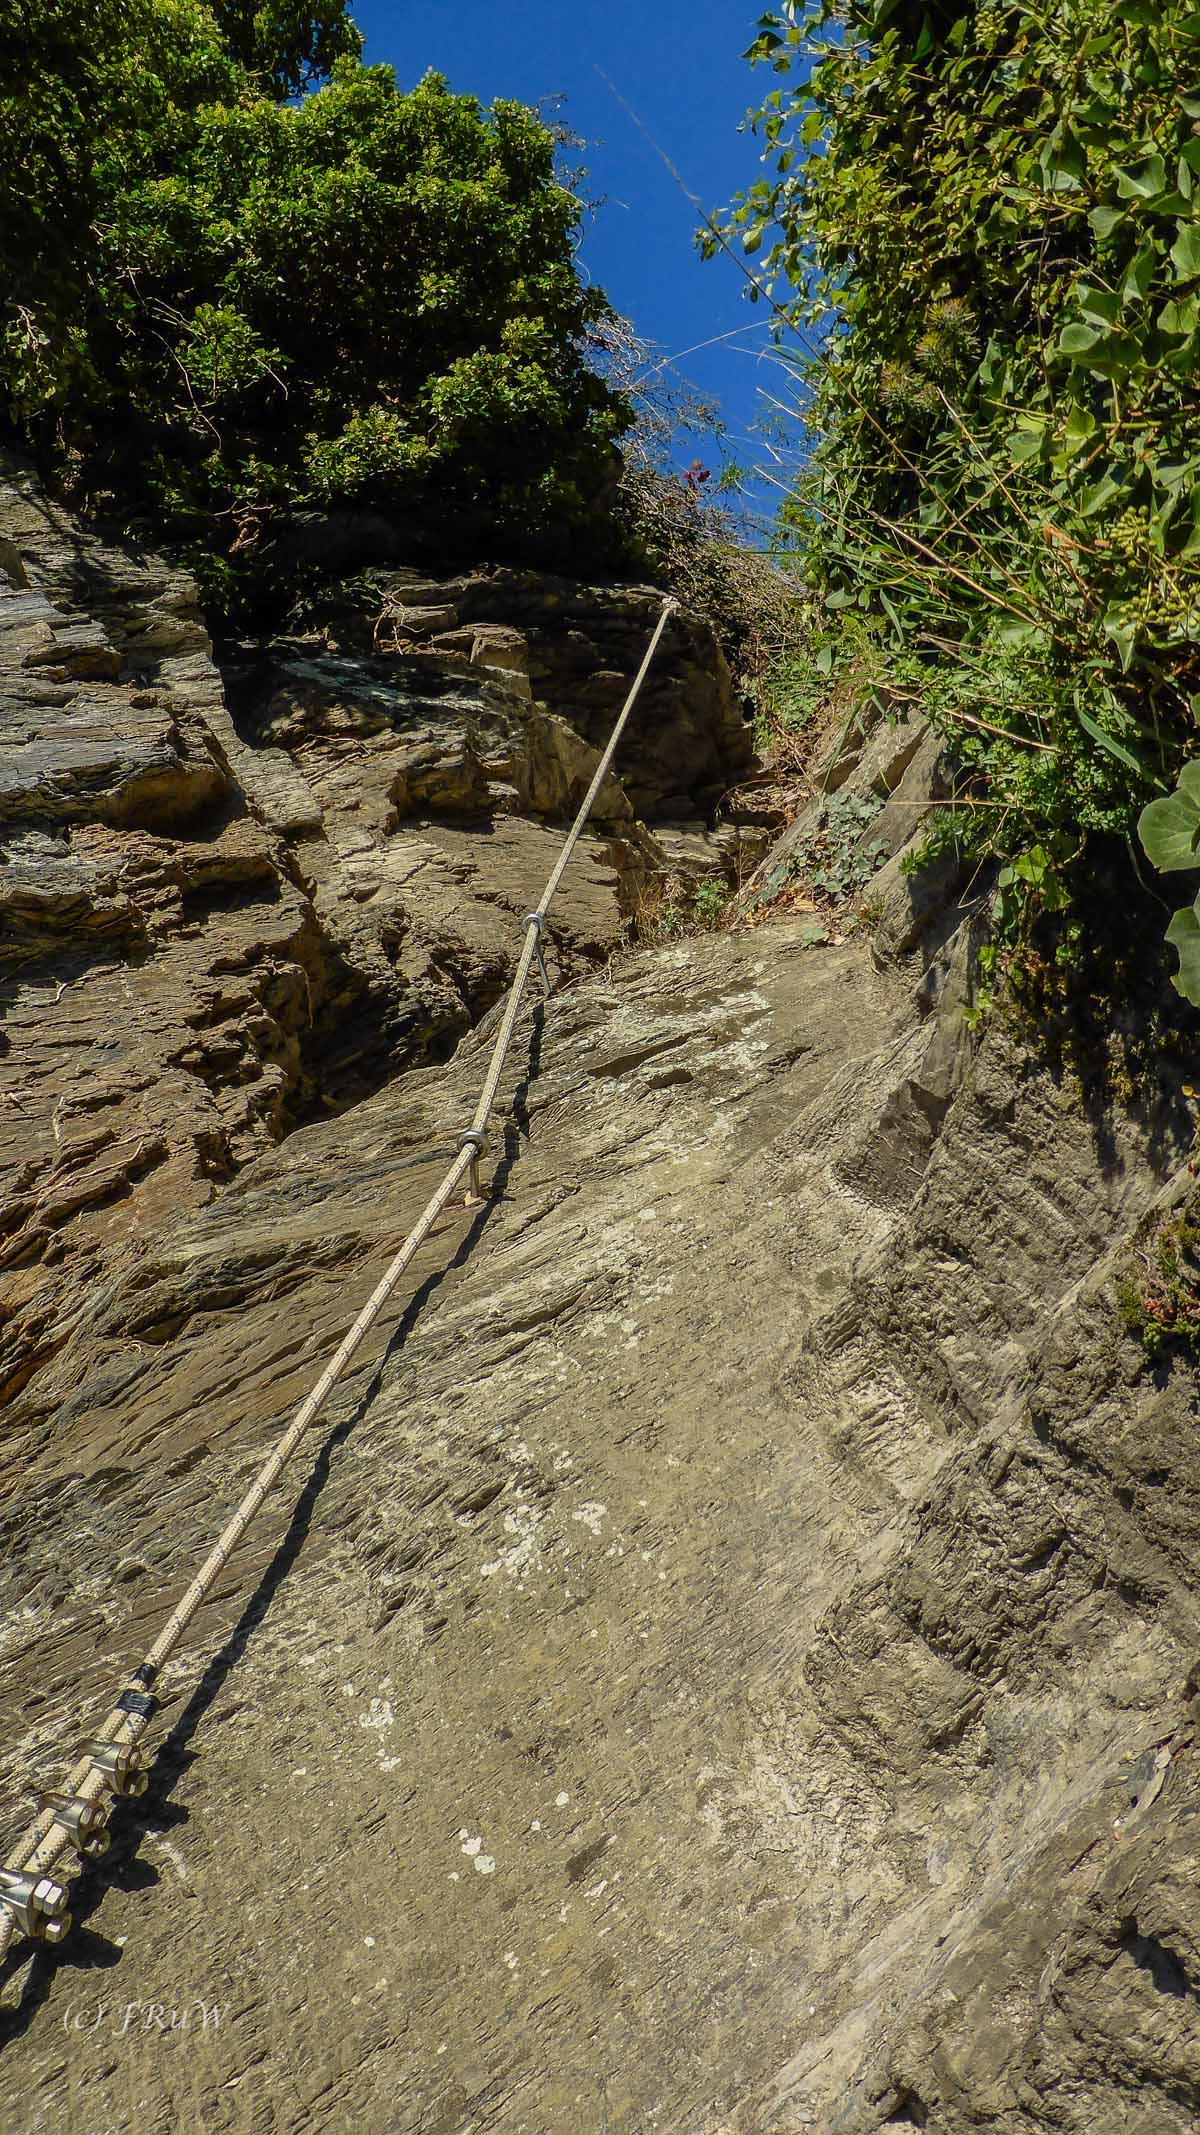 Ich muss ehrlich sagen, obwohl der Mittelrhein Klettersteig recht lang und wahrlich nicht leicht ist, empfinde ich diesen kurzen Steig als schwieriger. Die Eisen liegen recht weit auseinander, sodass kurzbeinige Menschen Mühe haben werden dort hinauf zu gelangen.